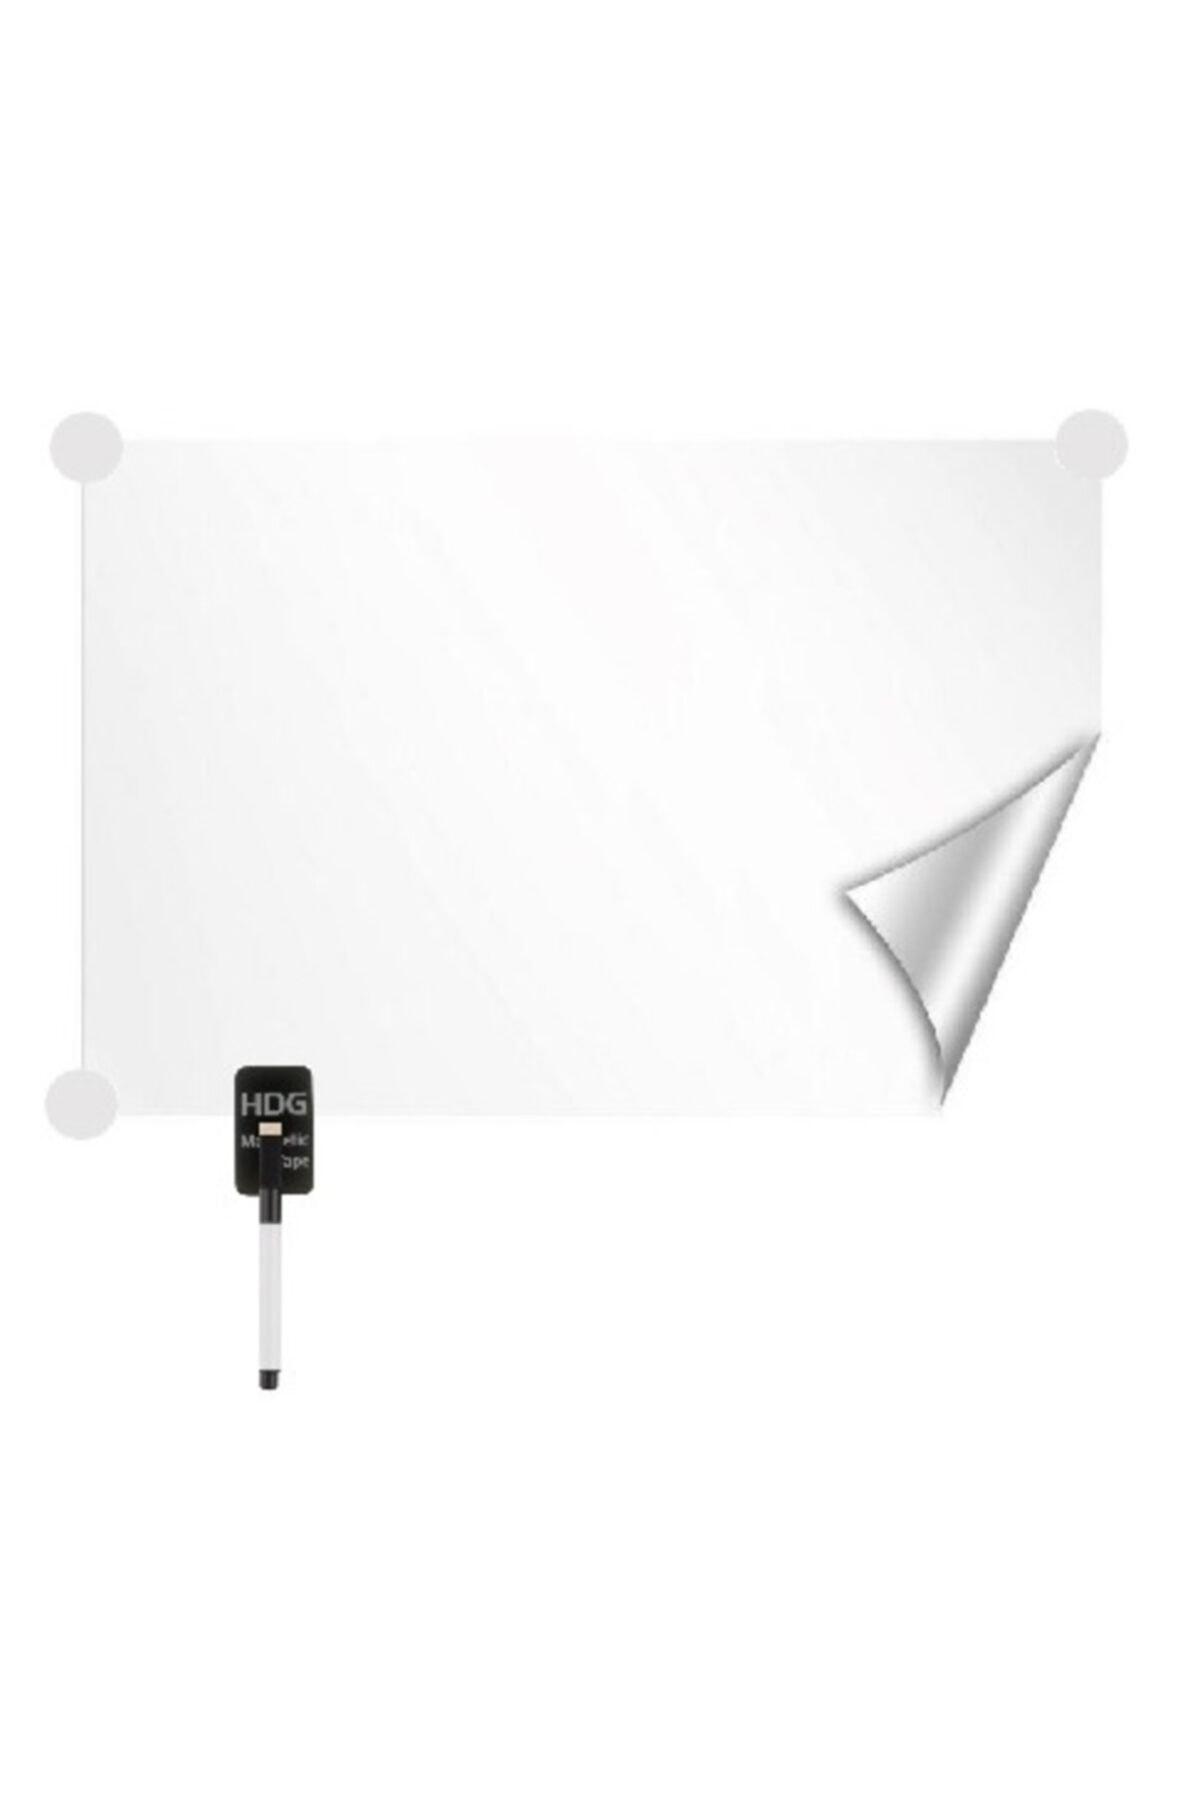 Hdg 2 Adet Kağıt Yazı Tahtası Kağıdı Folyosu 75x100 Cm Beyaz- Statik Kendinden Tutunmalı 1